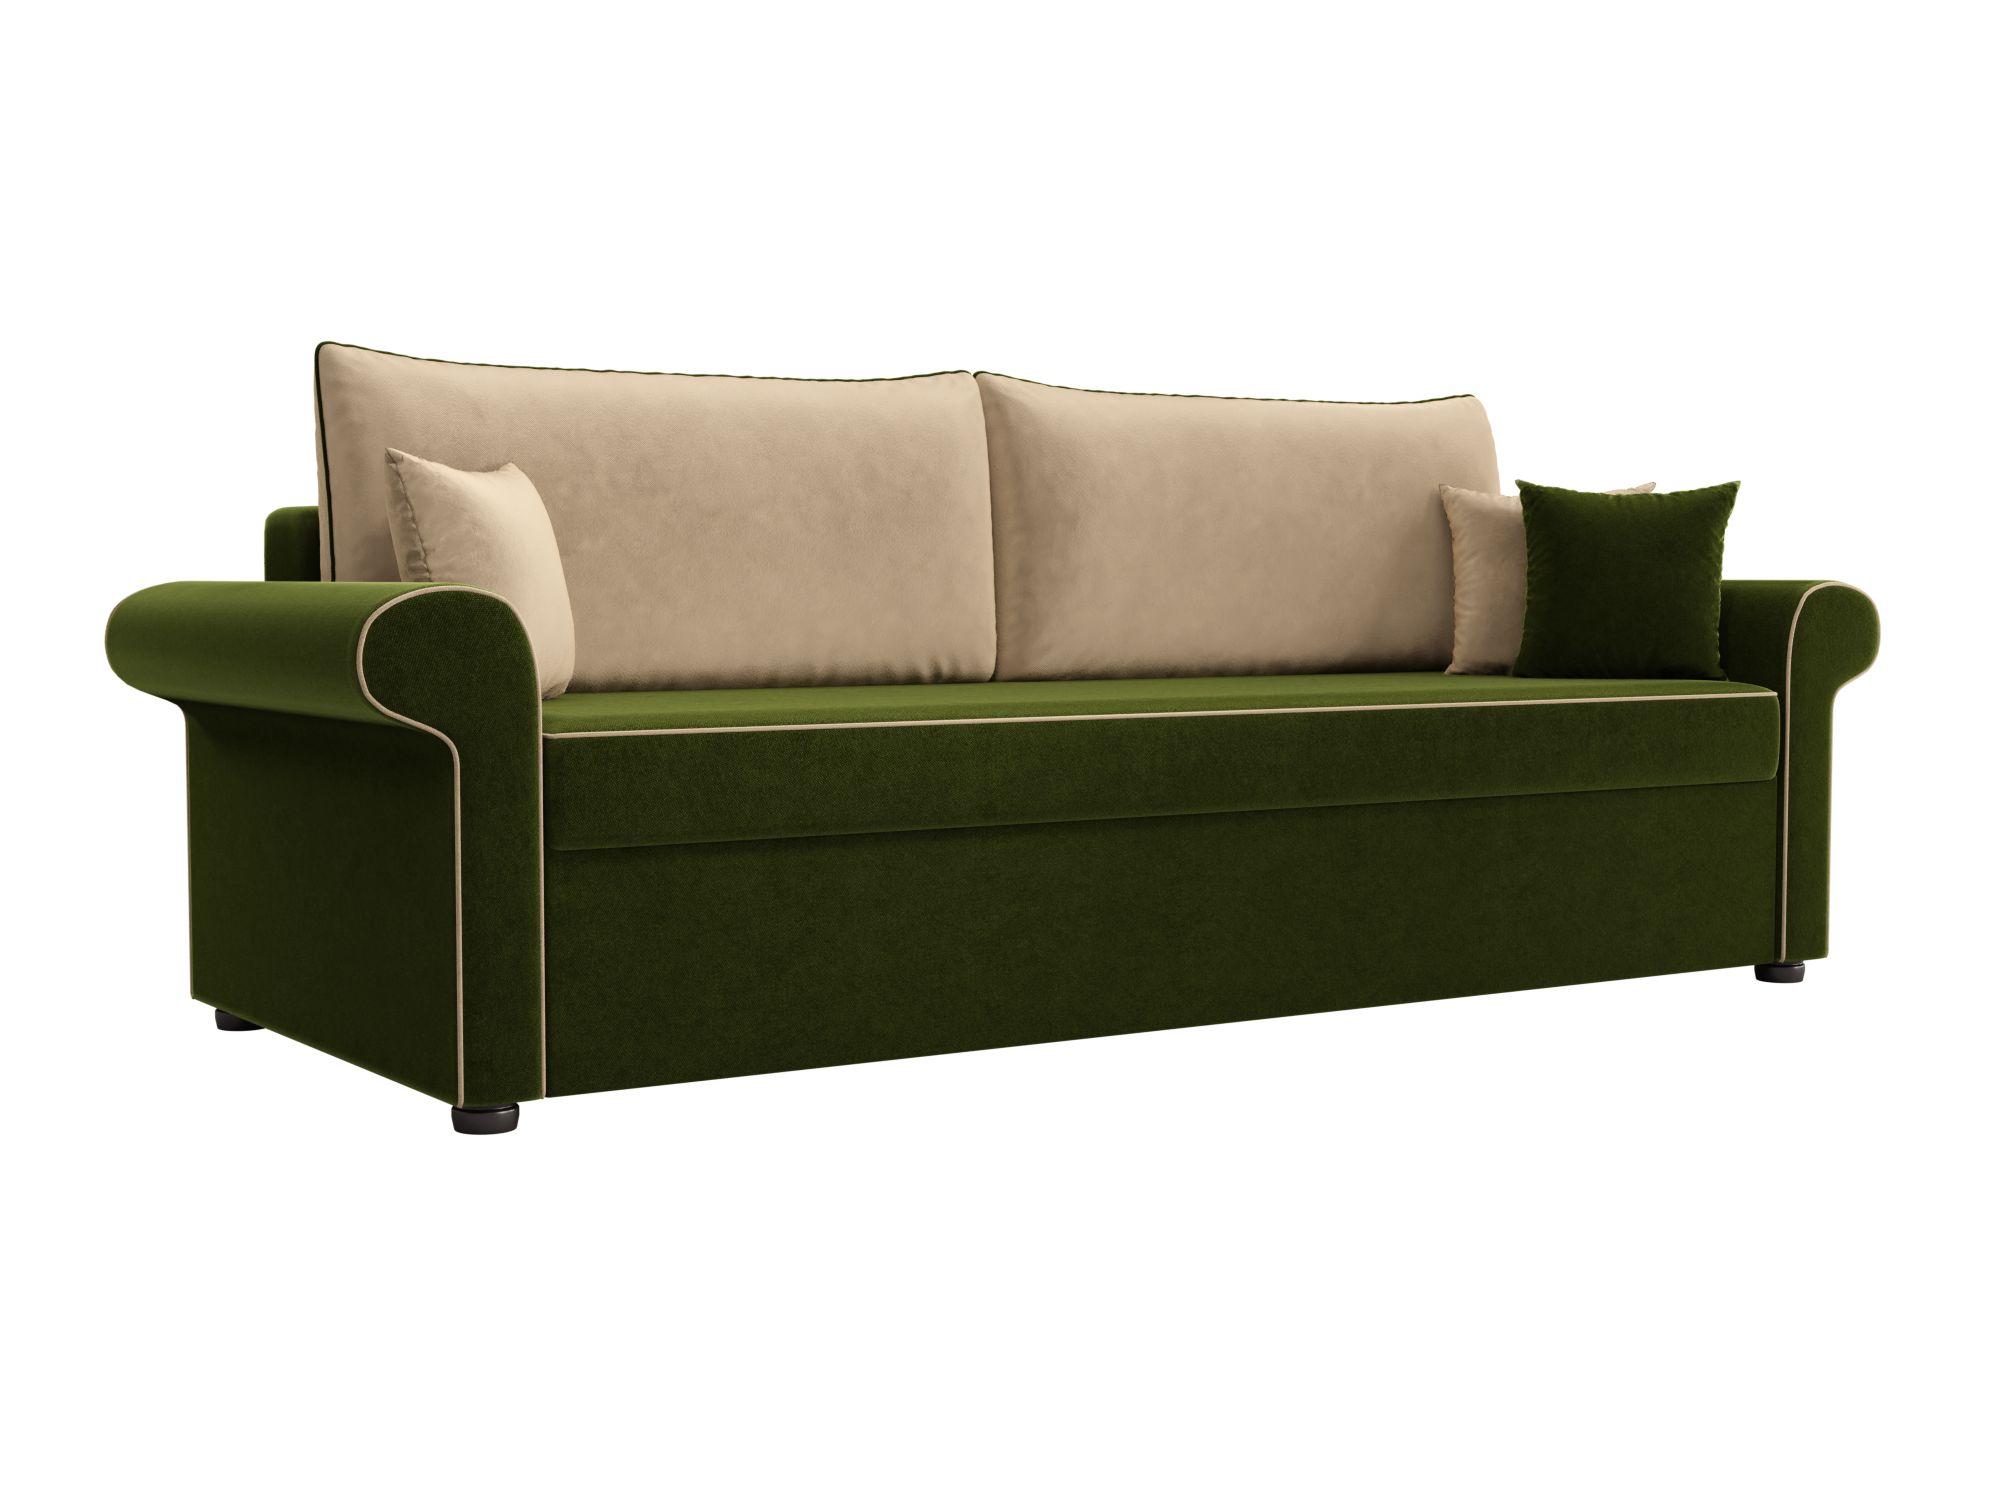 Диван прямой Мебелико Милфорд микровельвет зеленый/бежевый